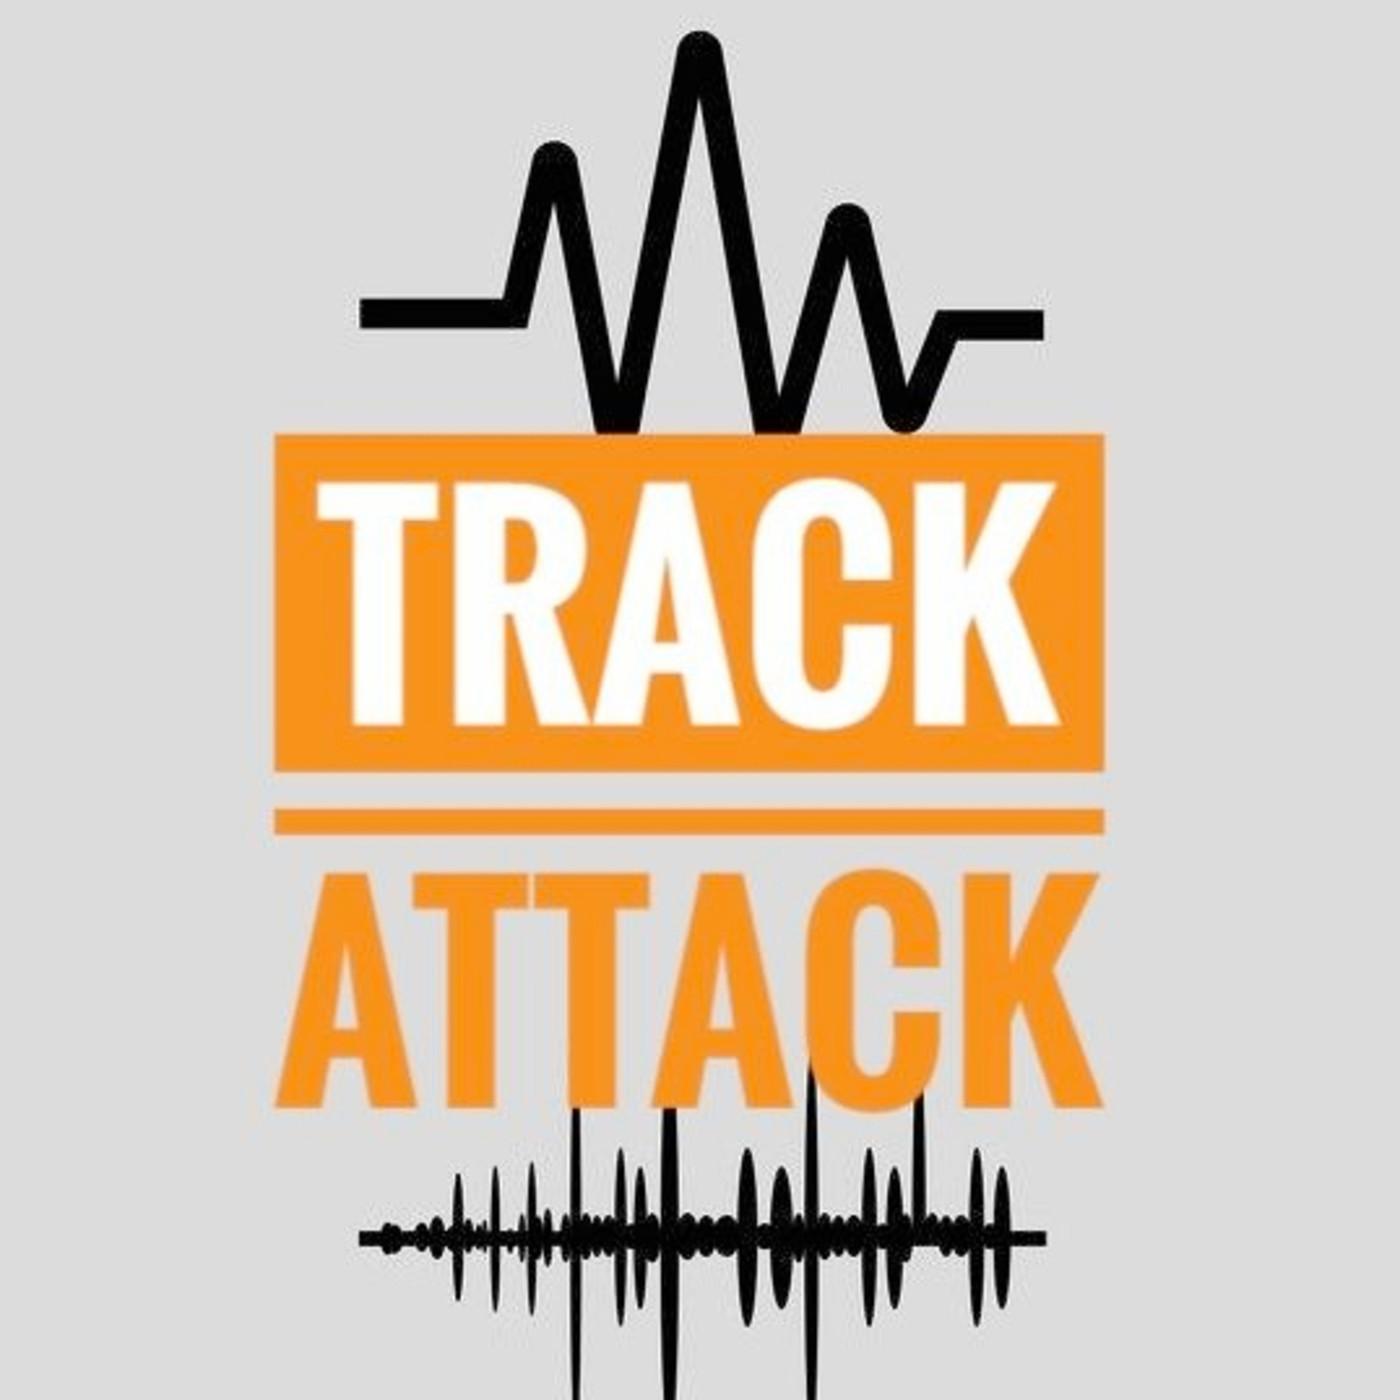 Track Attack 5 de Julio 2020